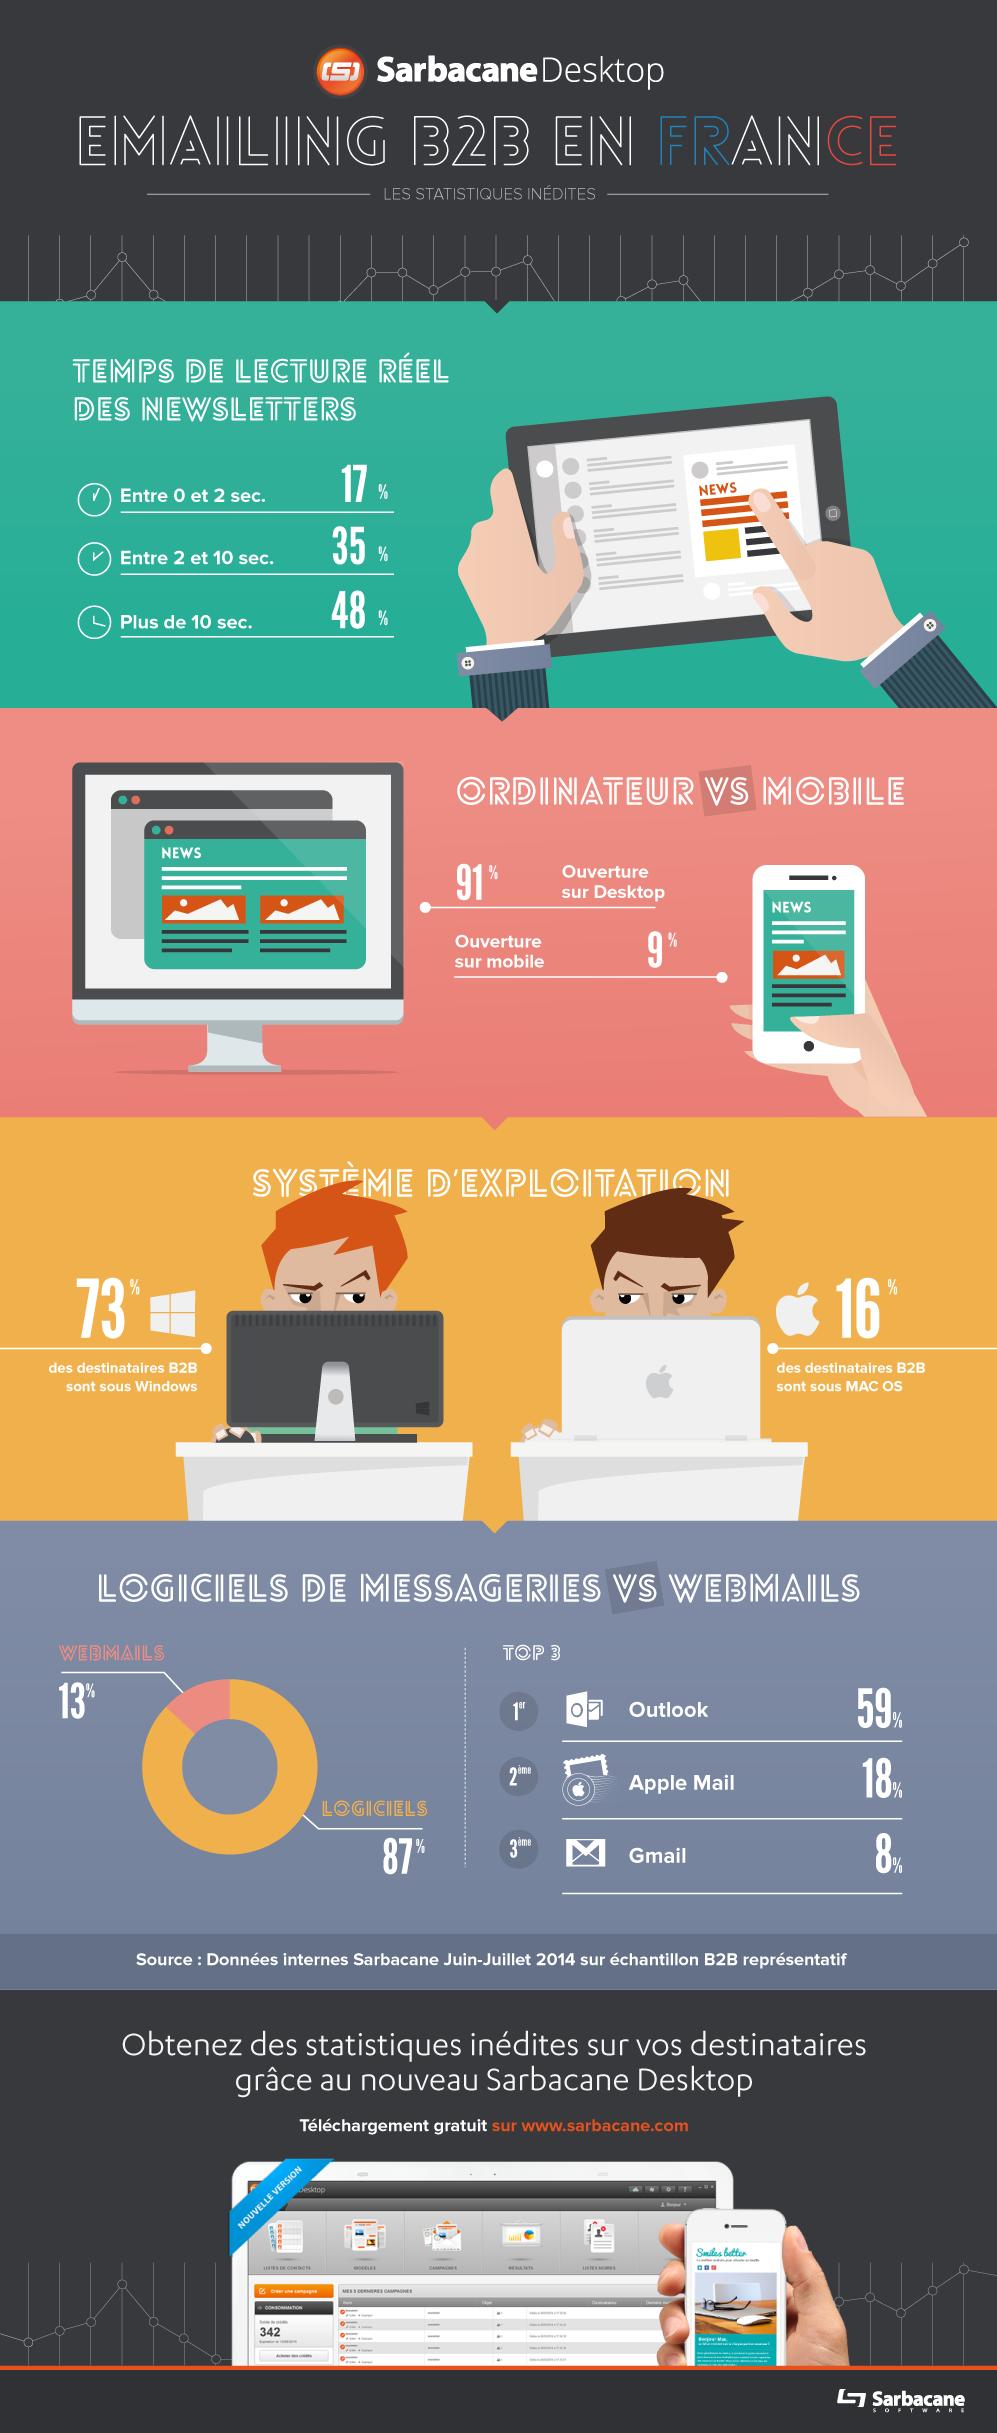 Emailing B2B en France